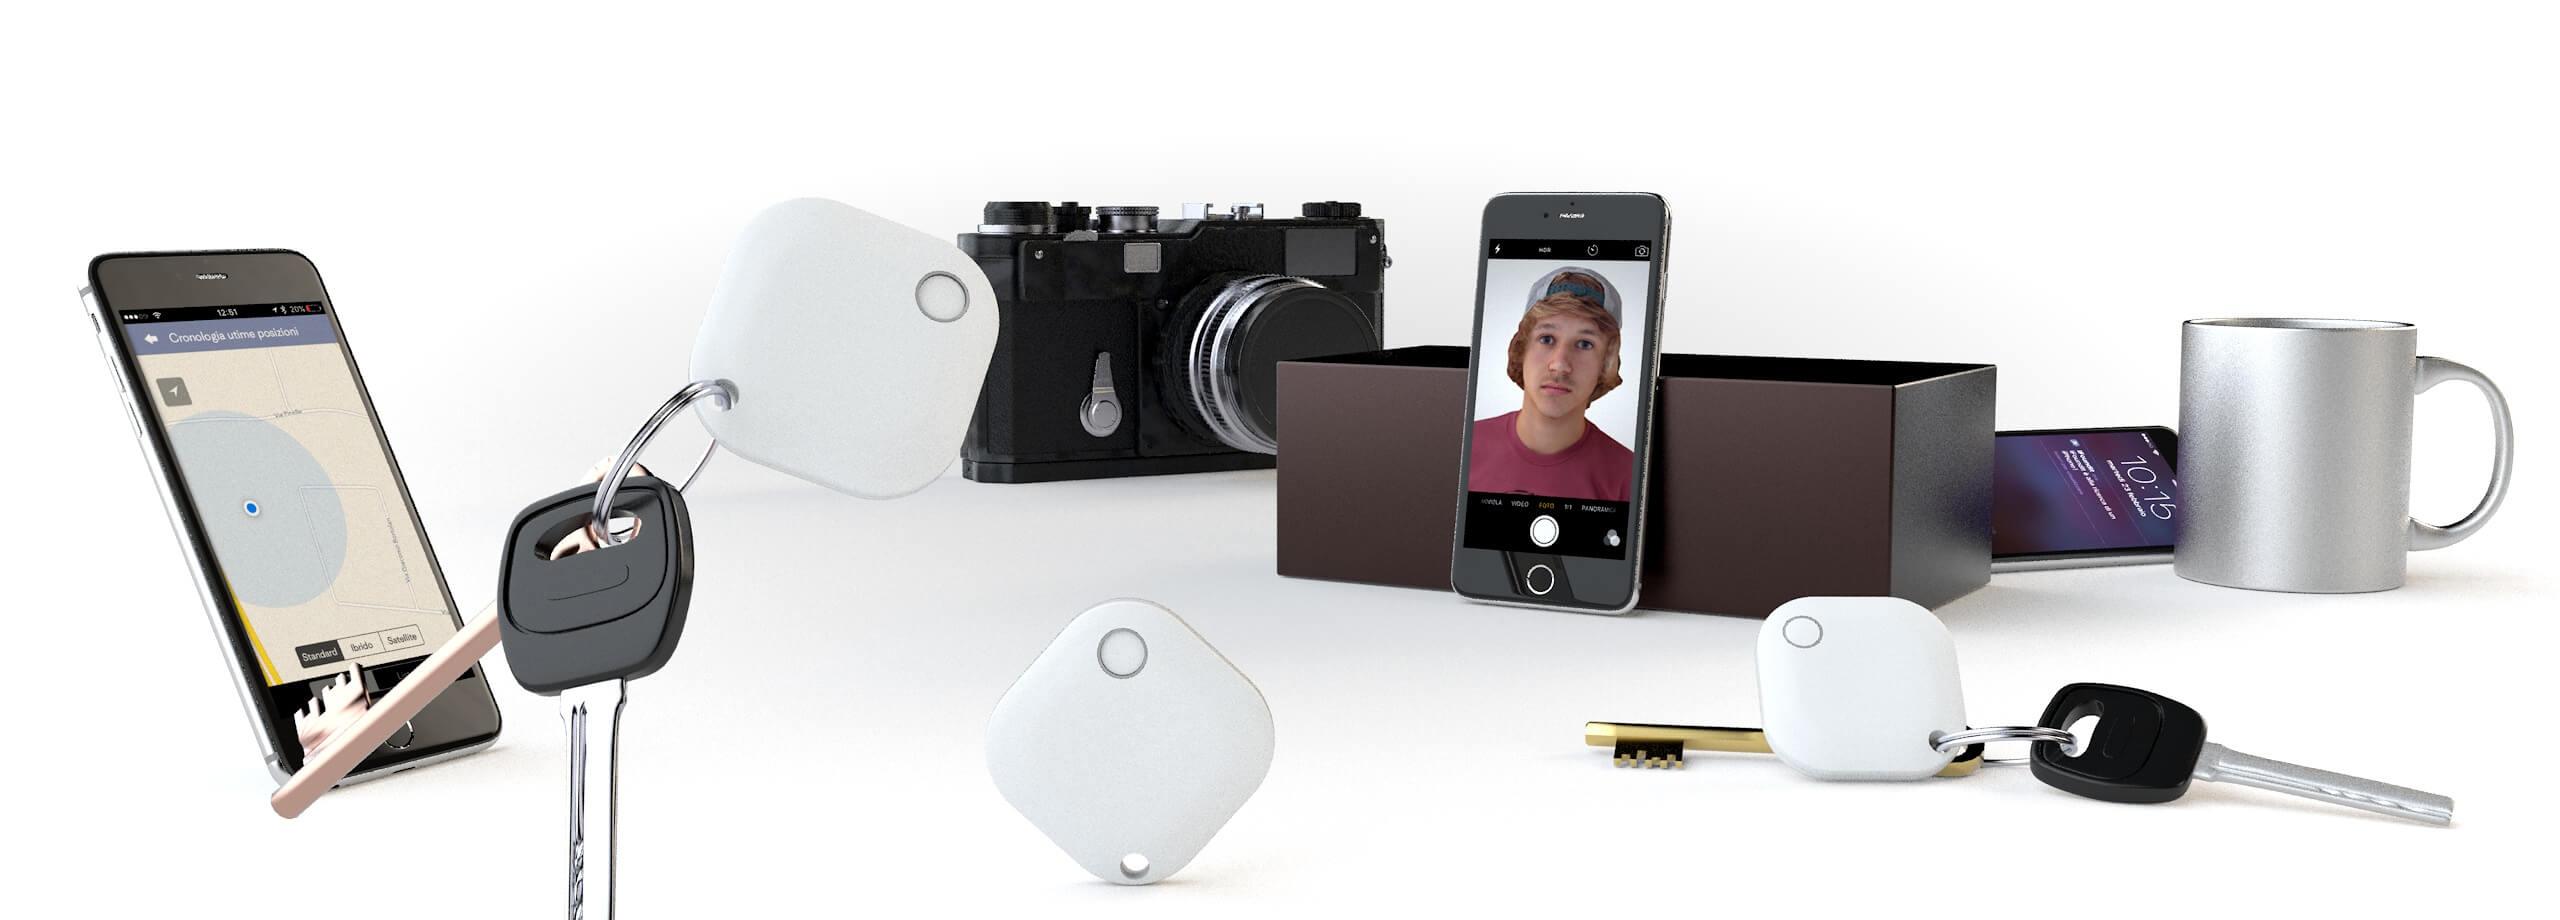 Localizadores GPS llaves y móvil Personalizados Publicitarios promocionales